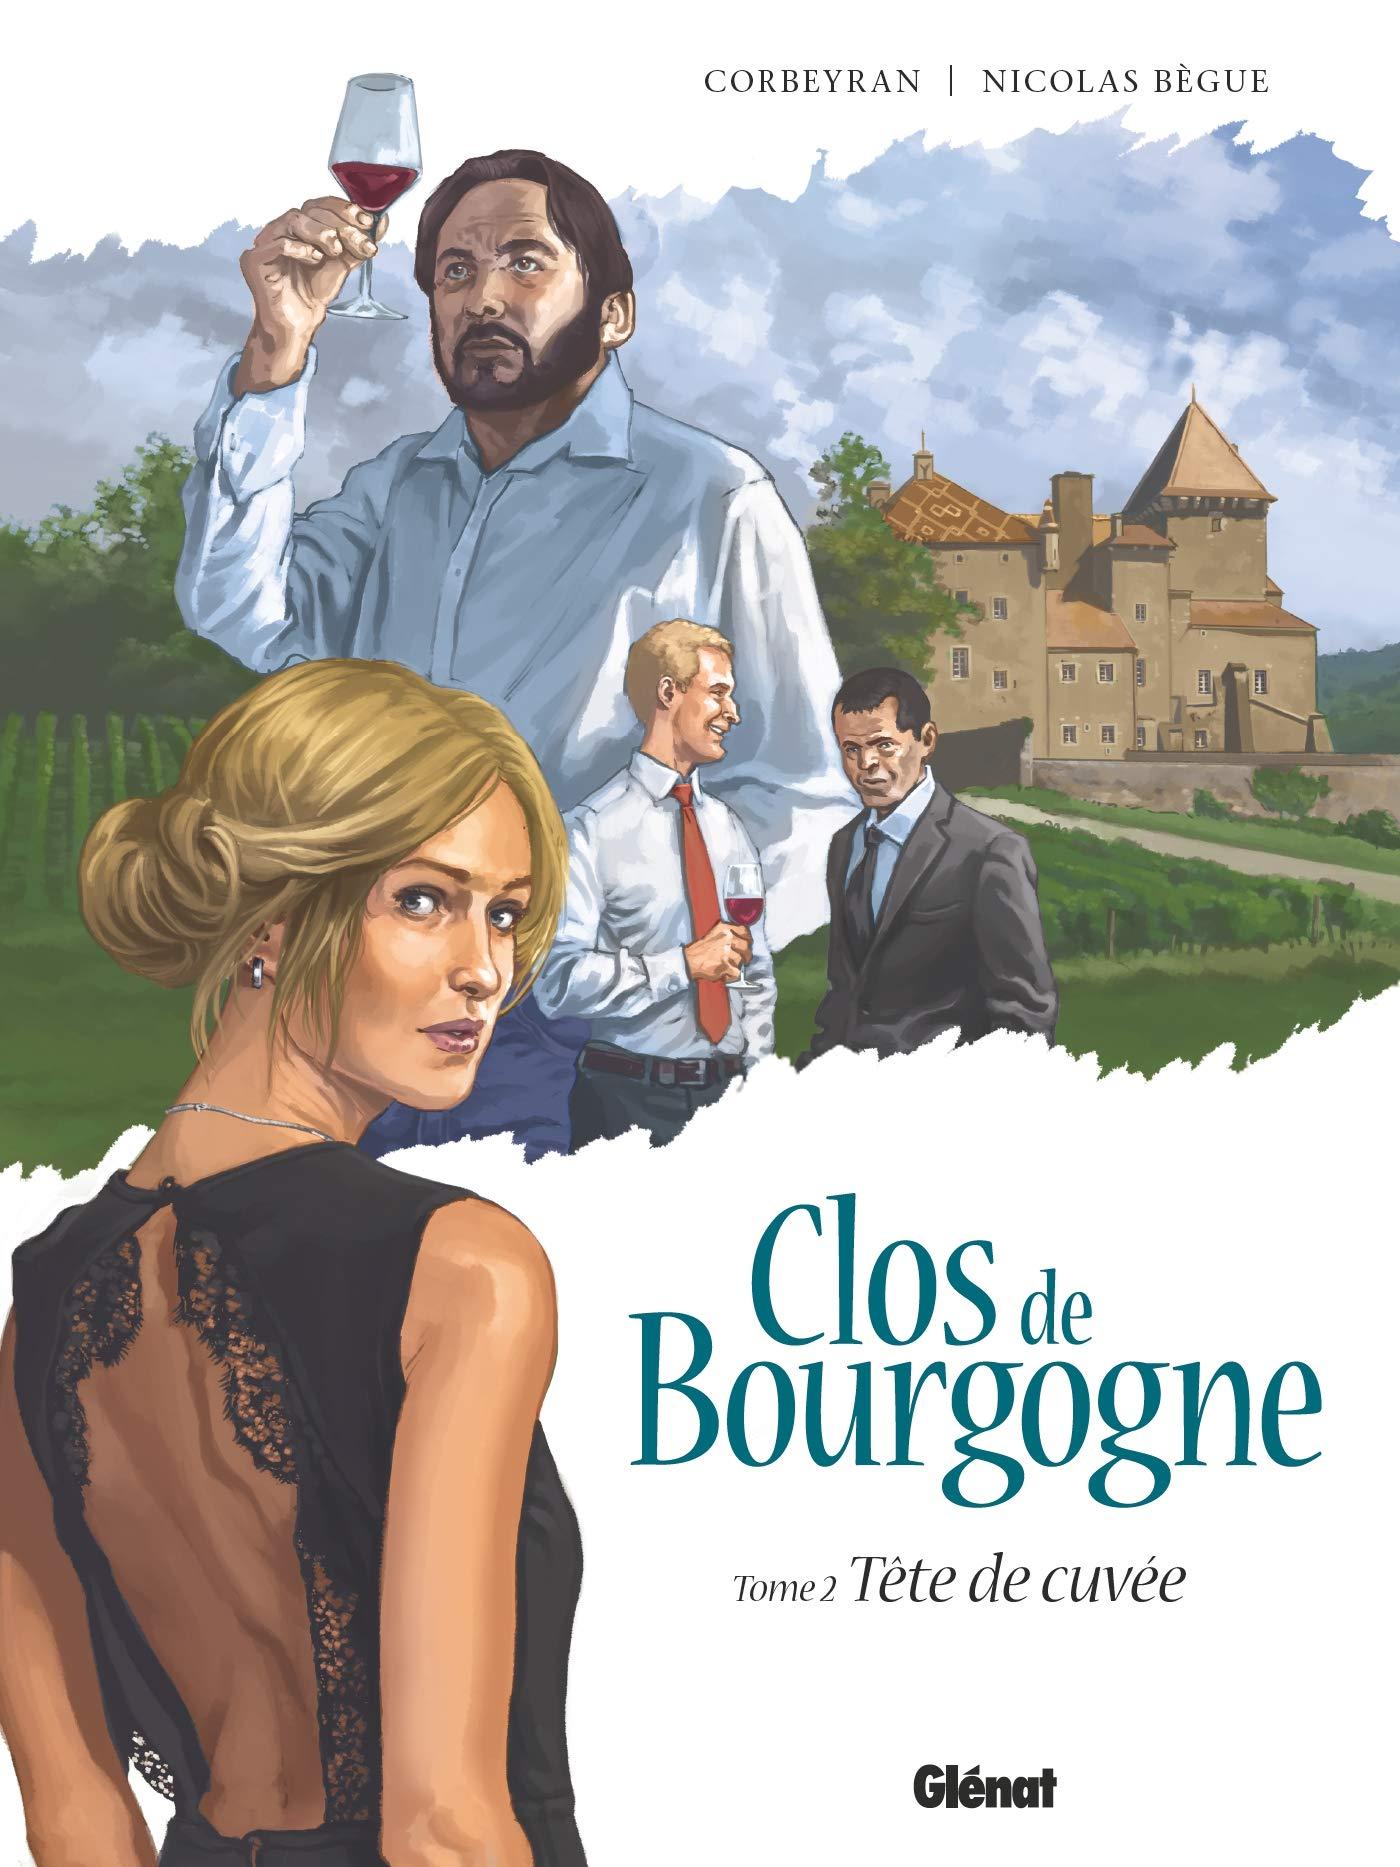 Clos de Bourgogne 2 - Tête de cuvée